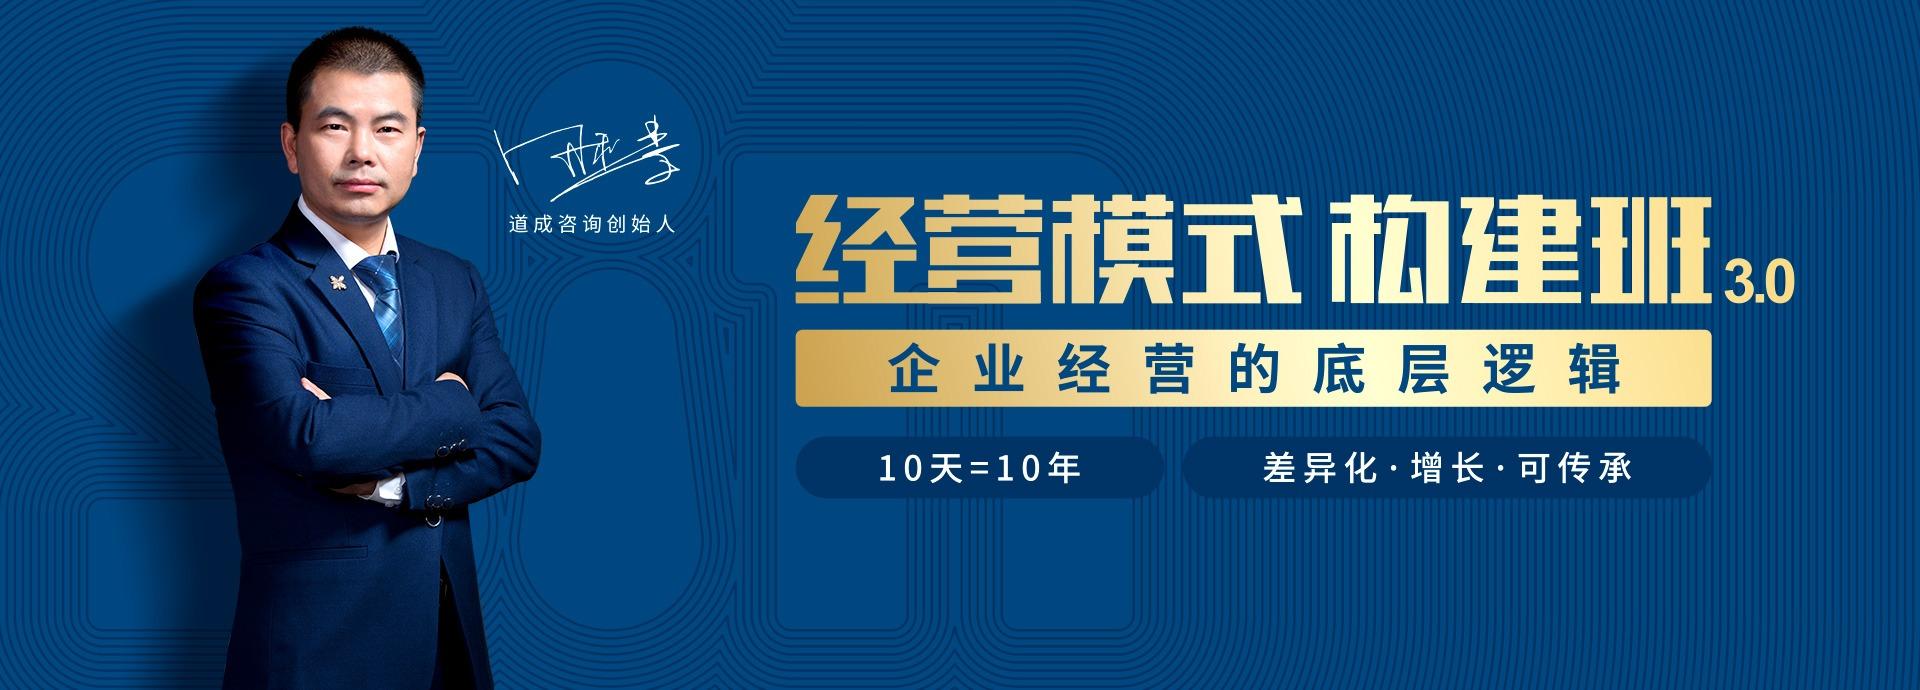 广州阿米巴经营模式-经营模式构建班3.0banner